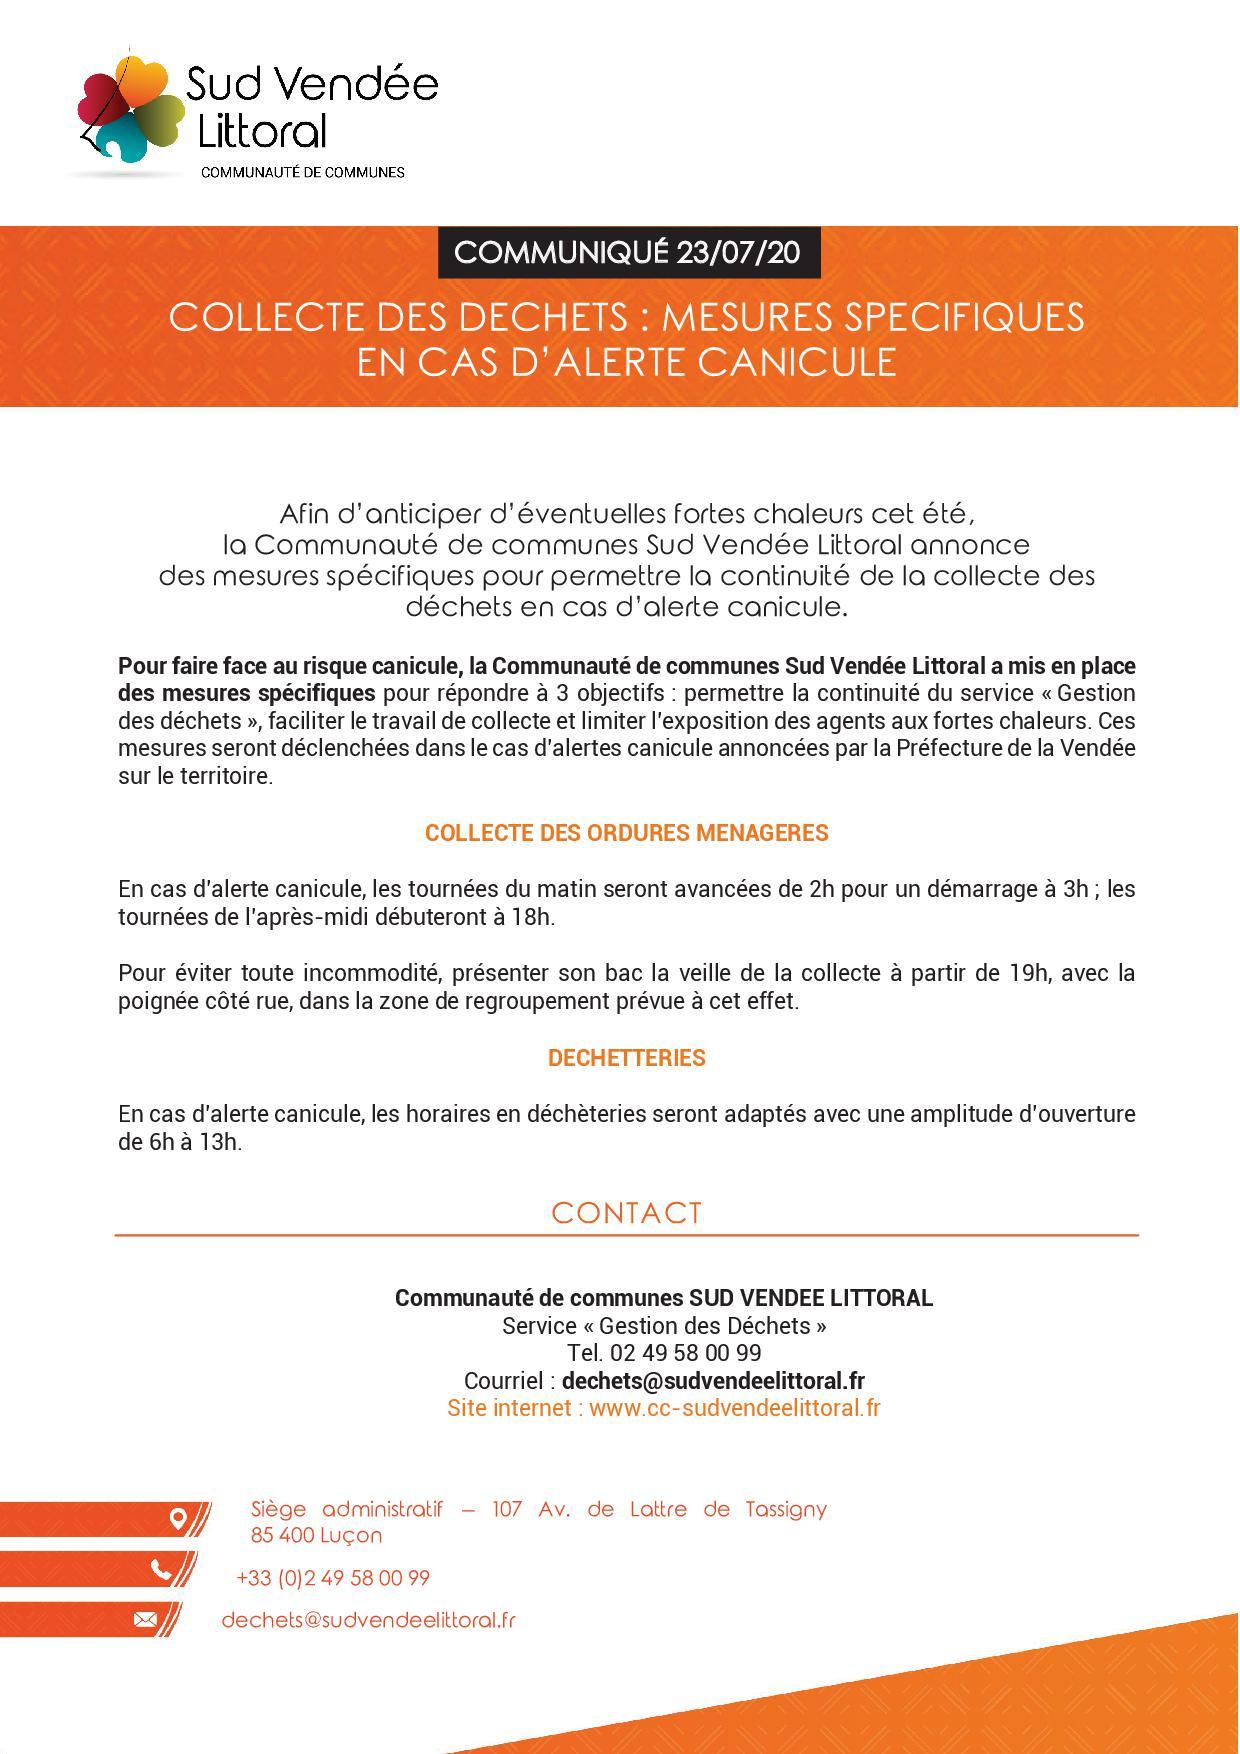 Collecte des déchets: mesures spécifiques en cas d'alerte canicule